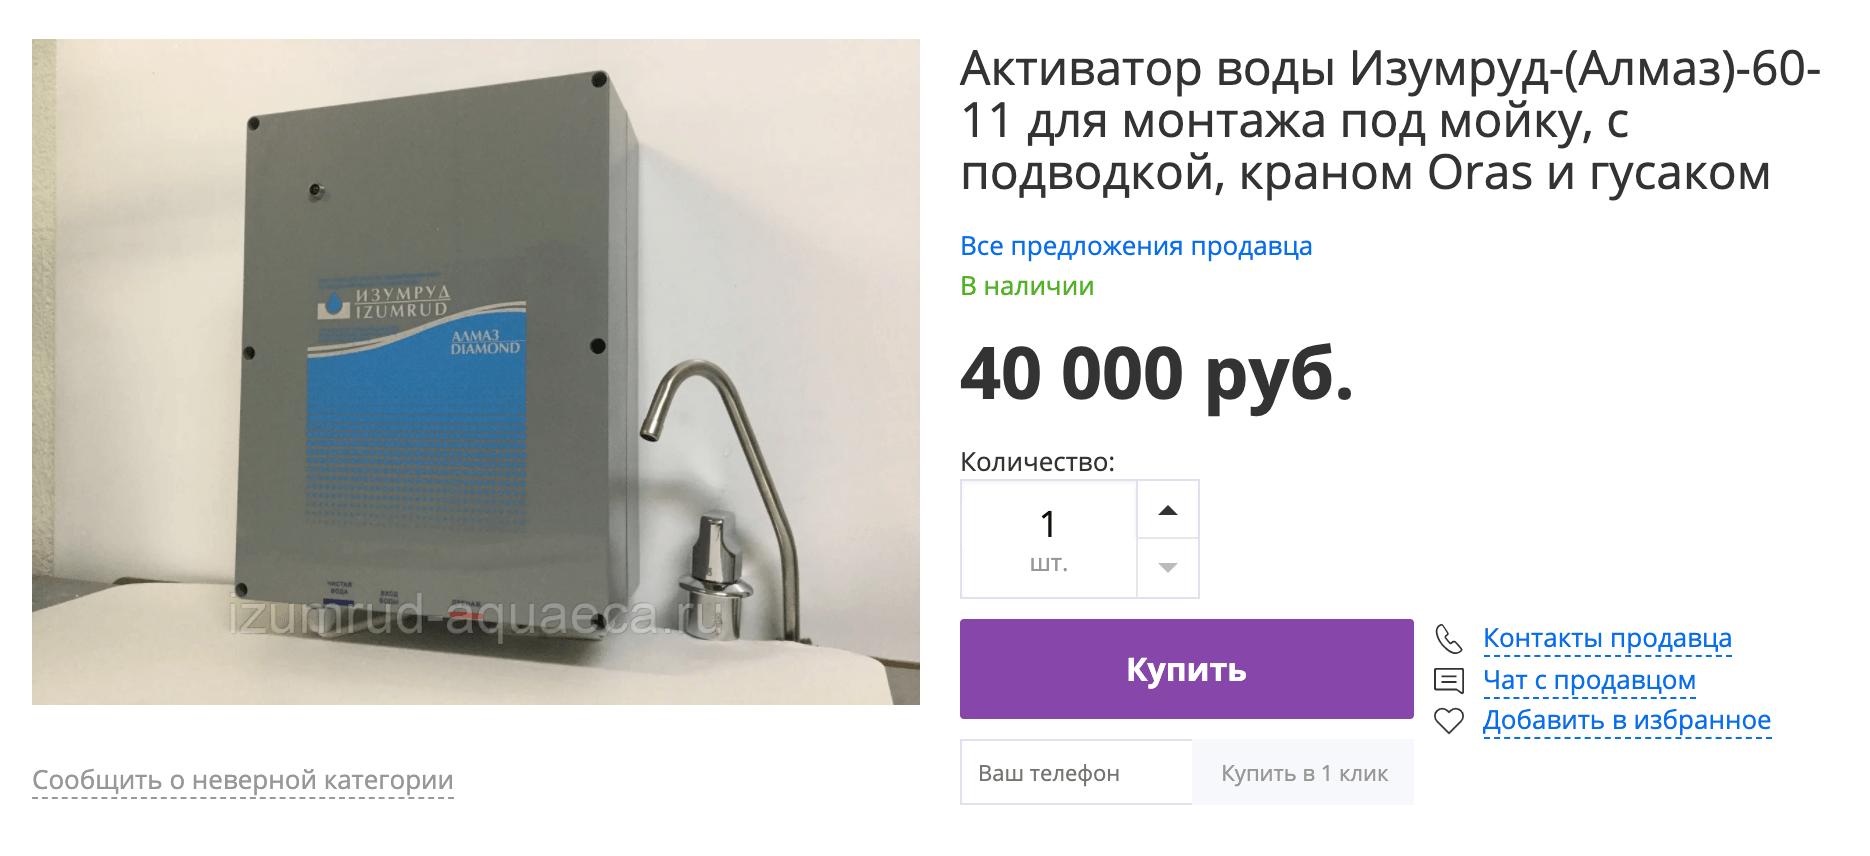 Российские электролизные фильтры похожи на японские, но обычно брутальнее по дизайну